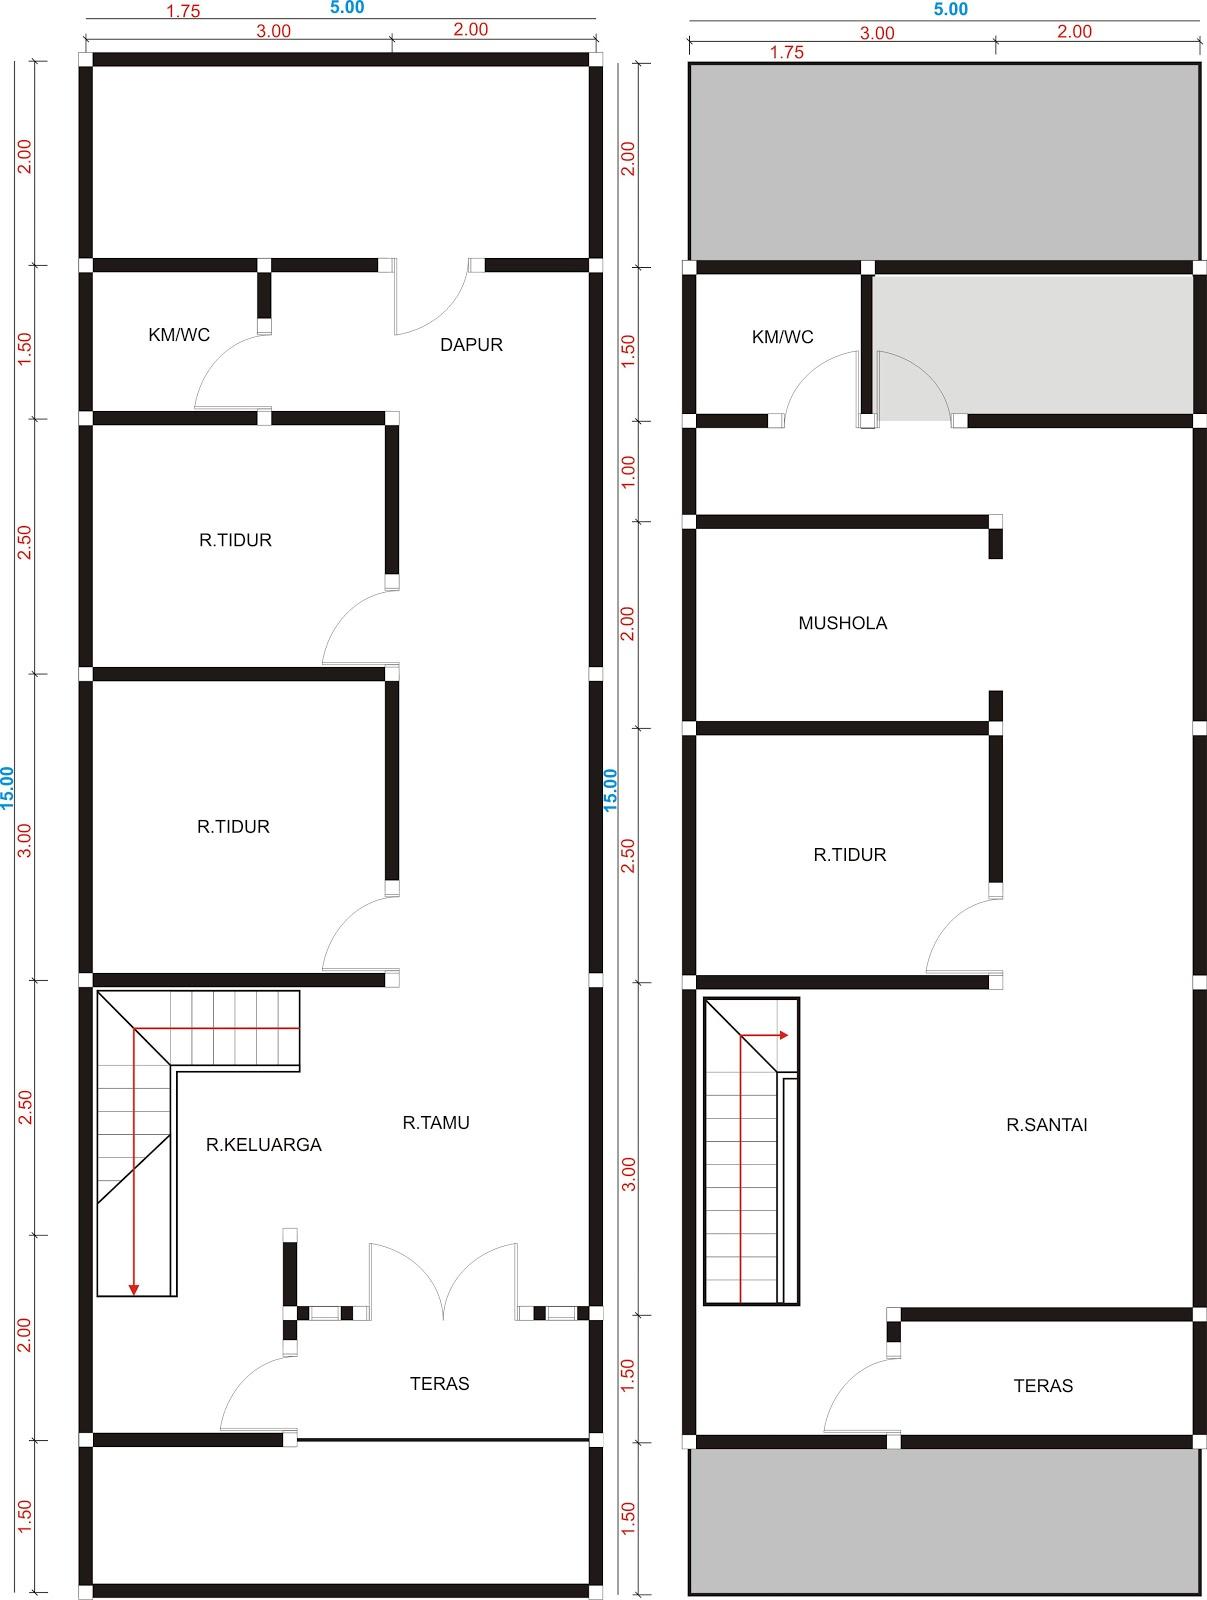 Desain Rumah 2 Lantai Ukuran 5x15 Sobat Interior Rumah